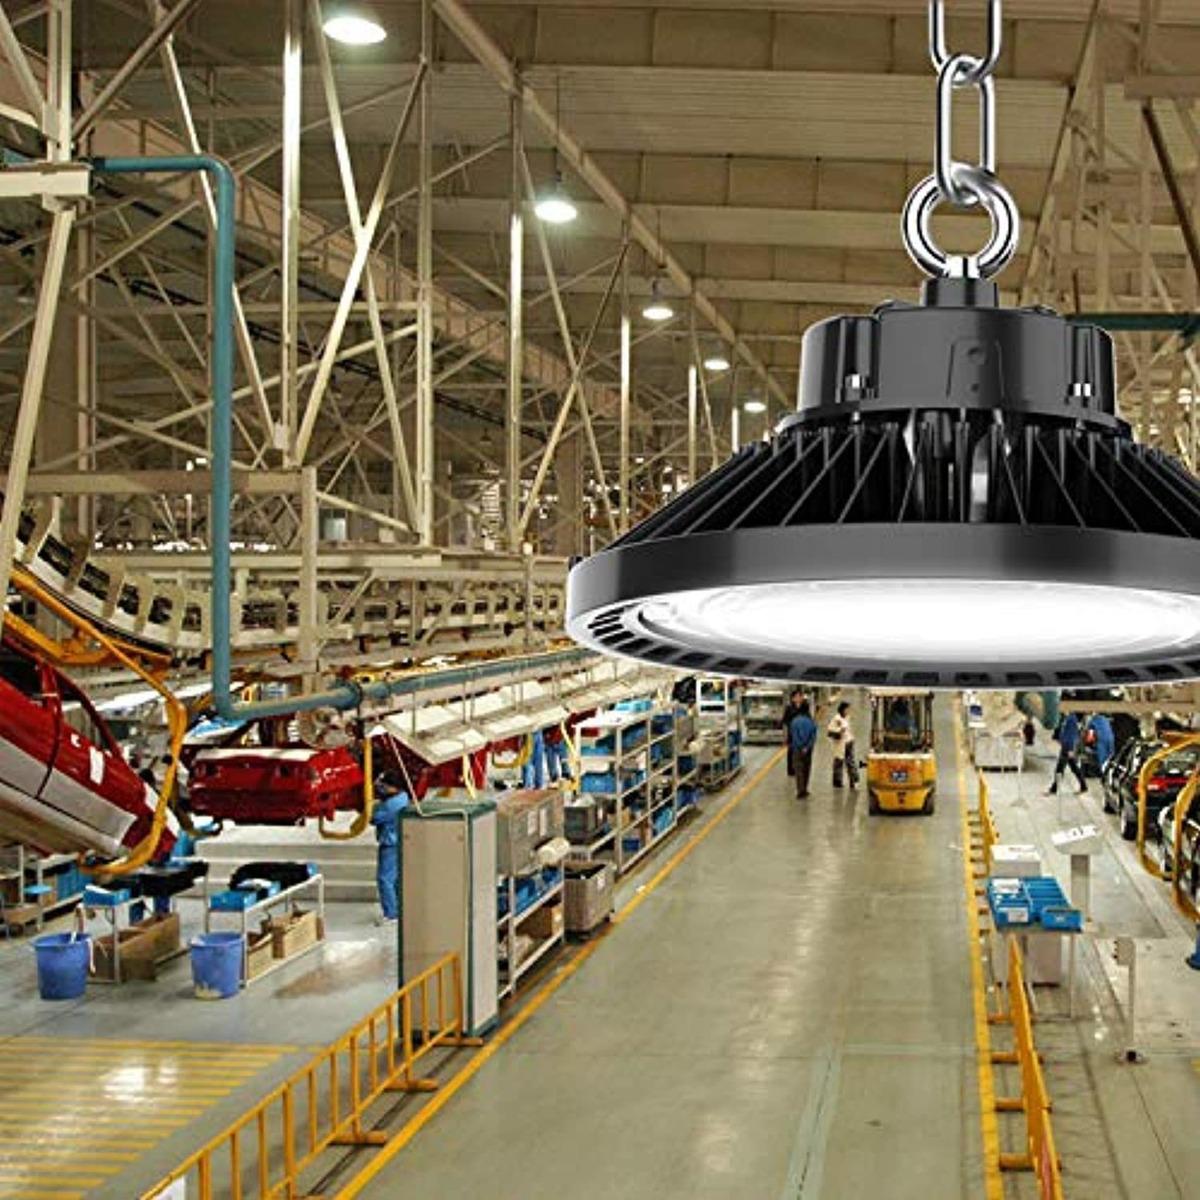 Jomitop 200 Watt High Bay Led Light Dimmable 849 533 En Mercado Libre